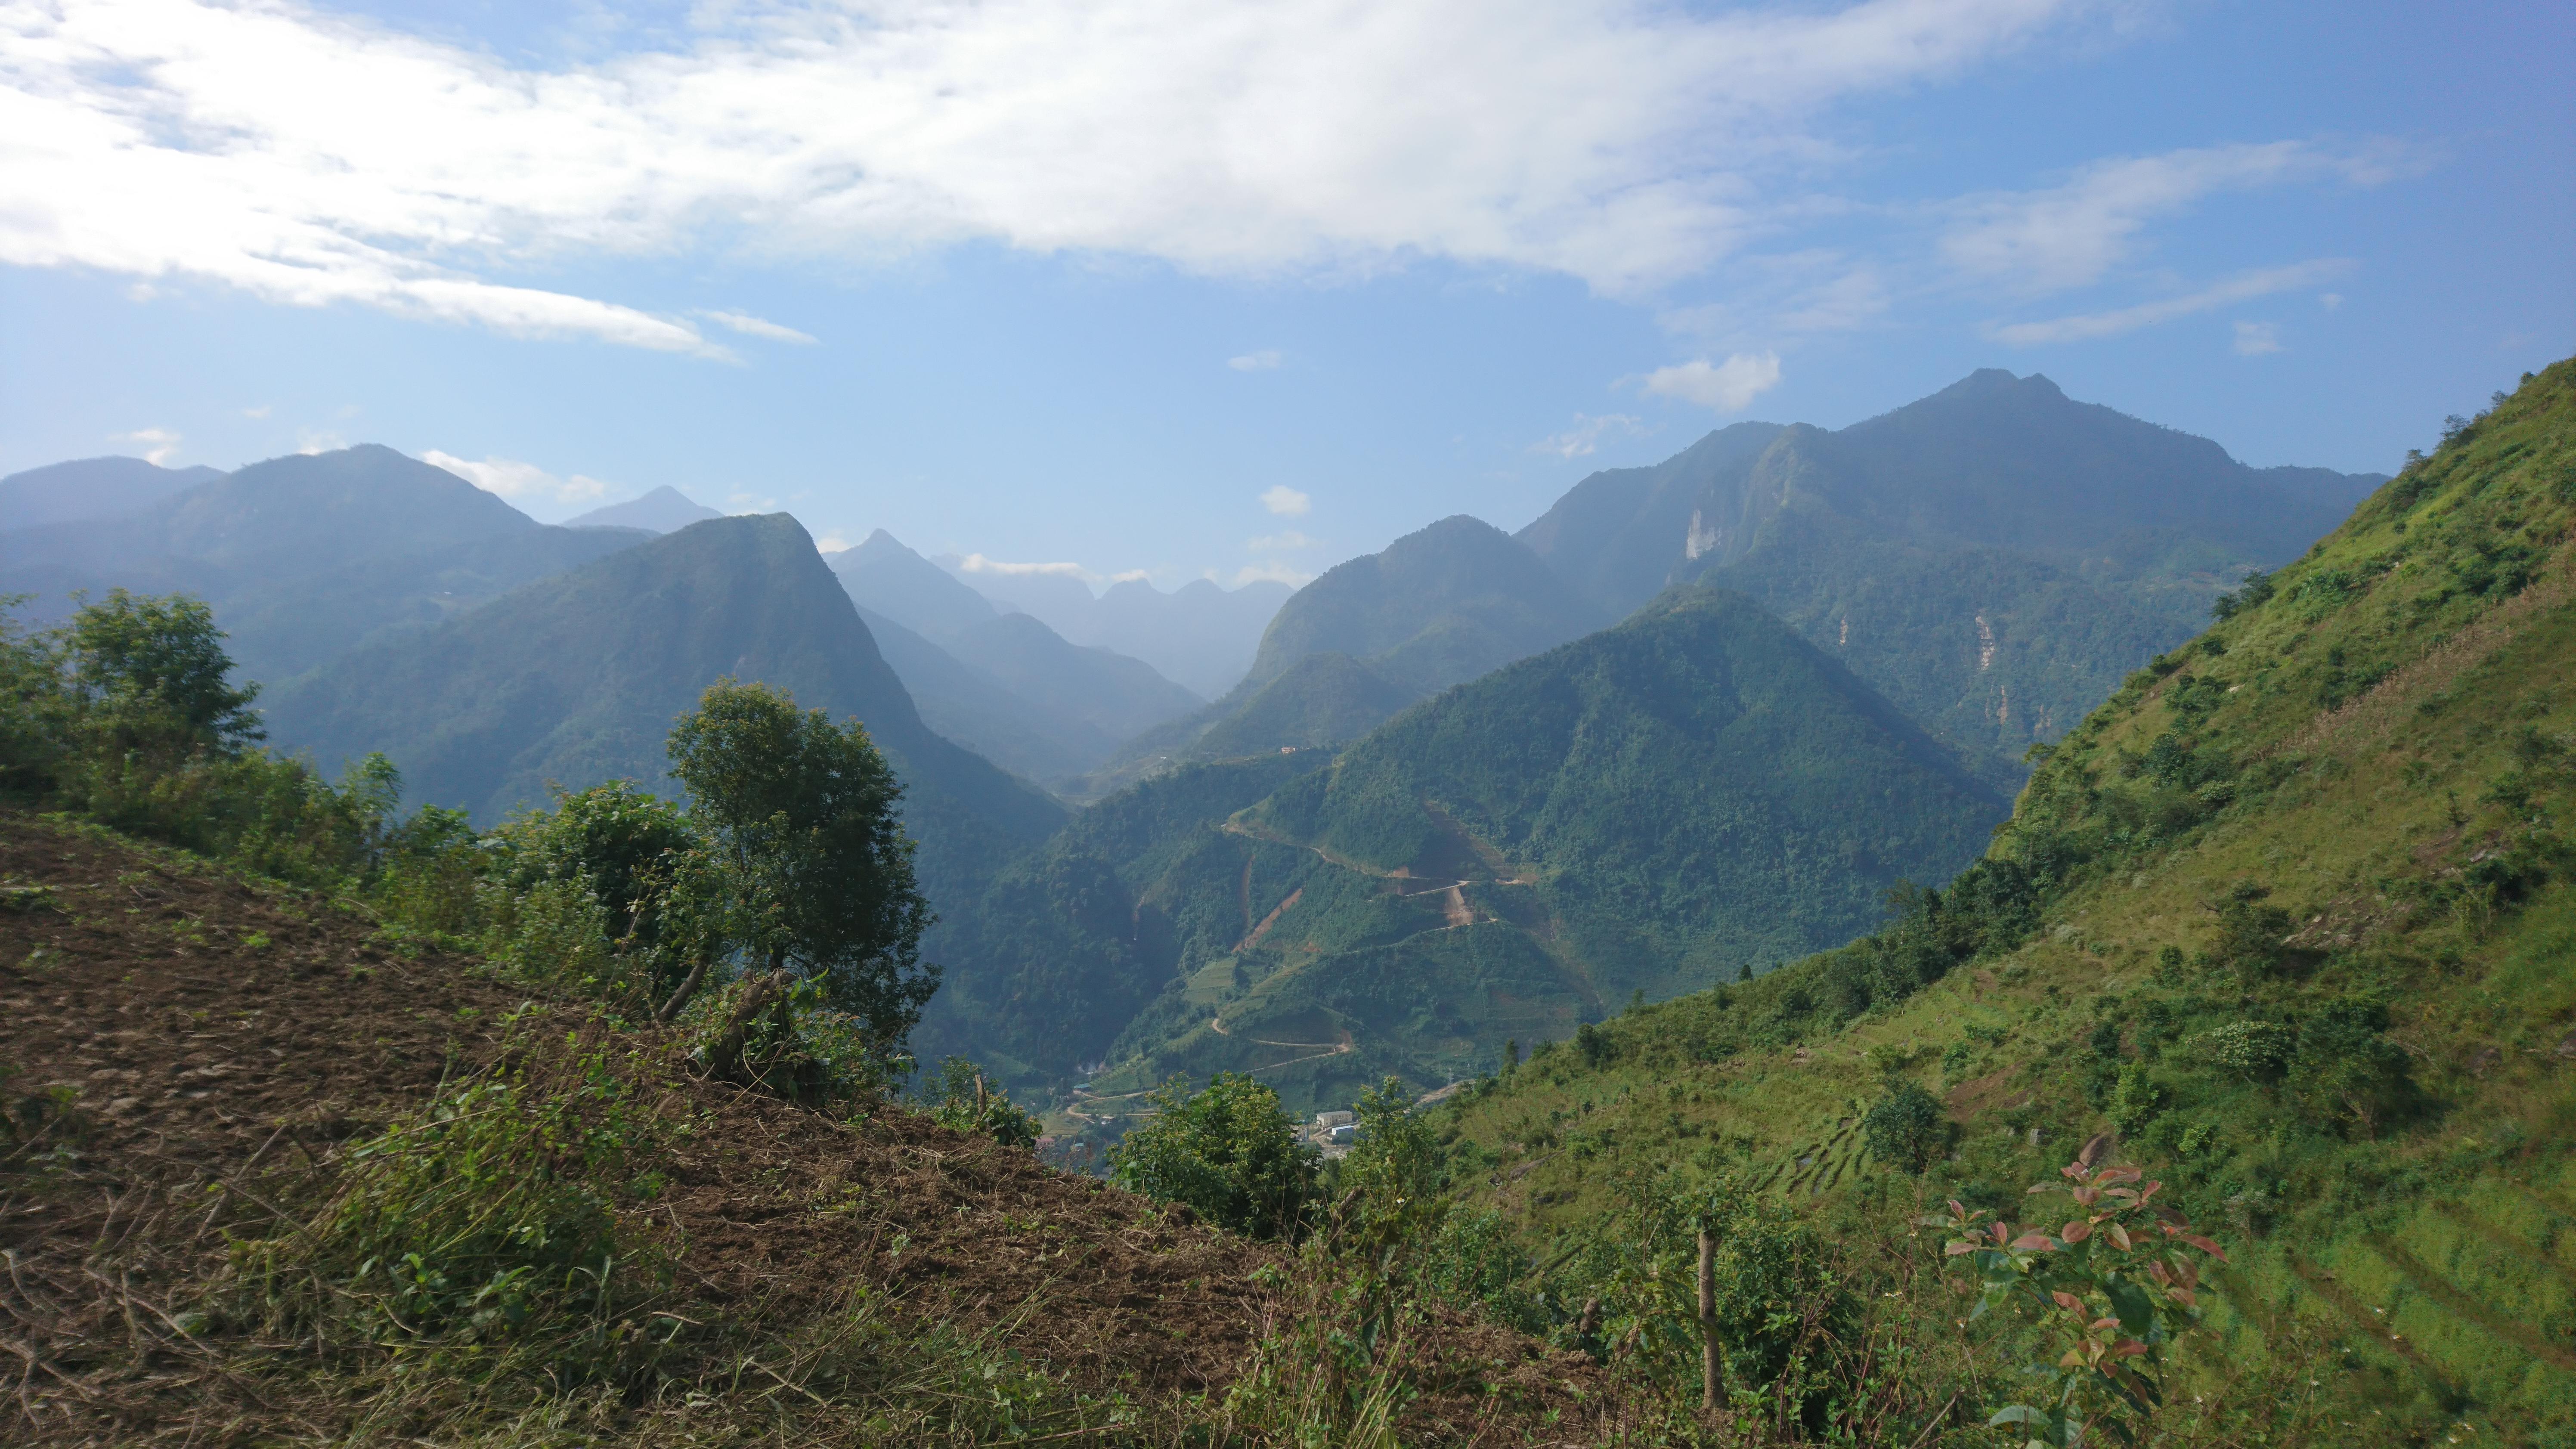 Trek découverte Vietnam Trek découverte Vietnam Trek découverte Vietnam Trek découverte Vietnam Trek